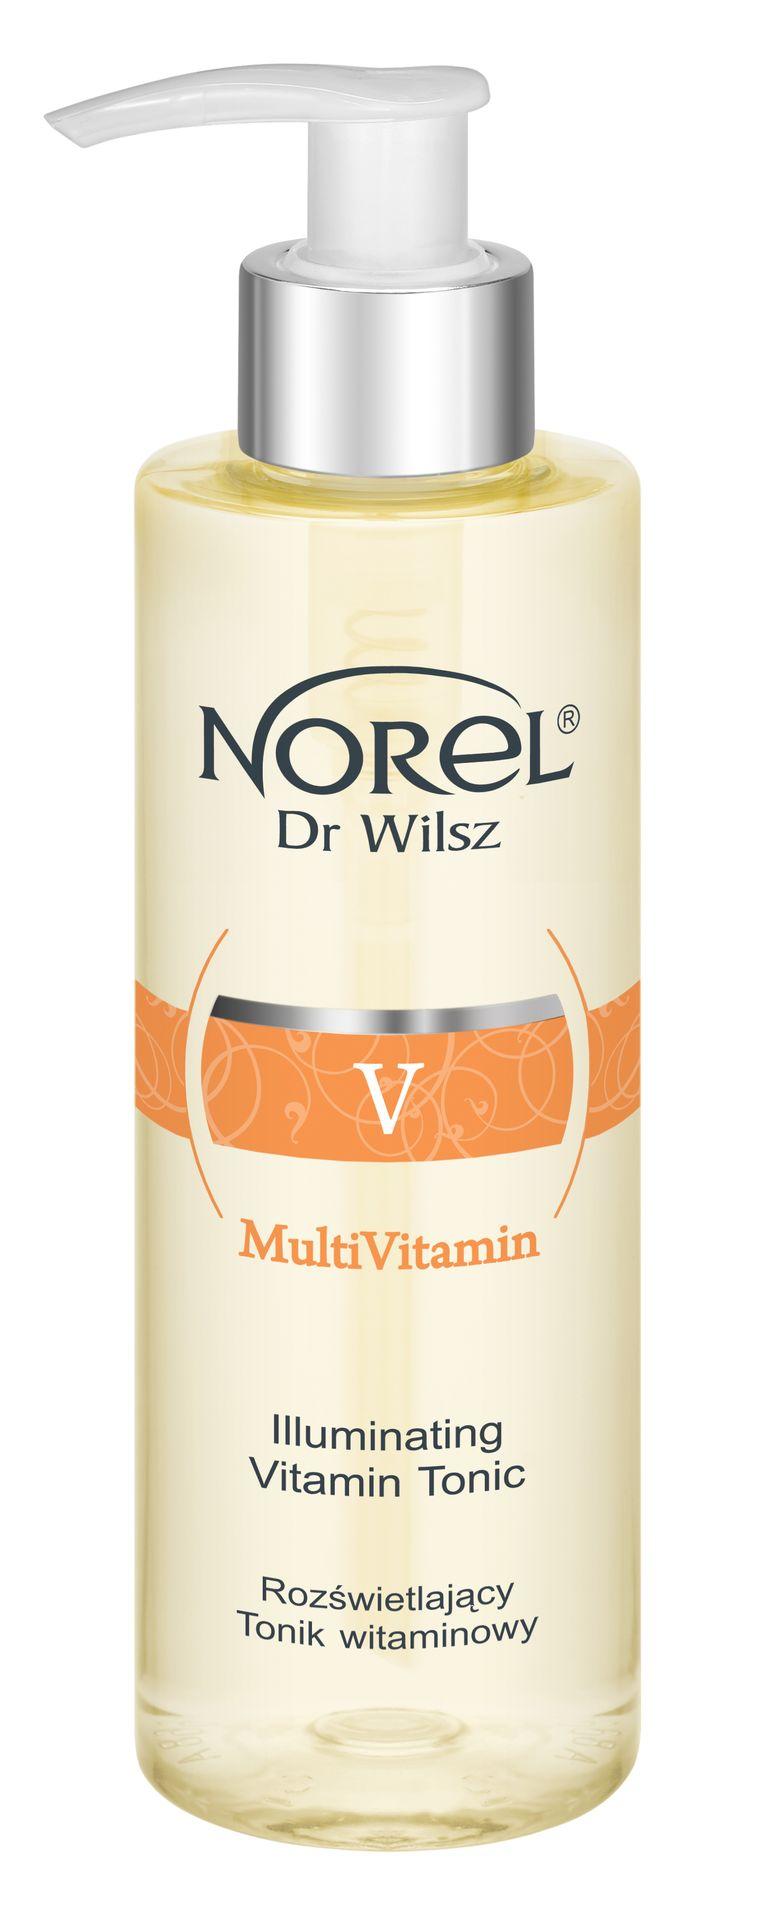 NOREL Dr. Wilsz Тоник осветляющий с молочной кислотой и витаминным комплексом для лица / Illuminating vitamin tonic 200 мл - Тоники